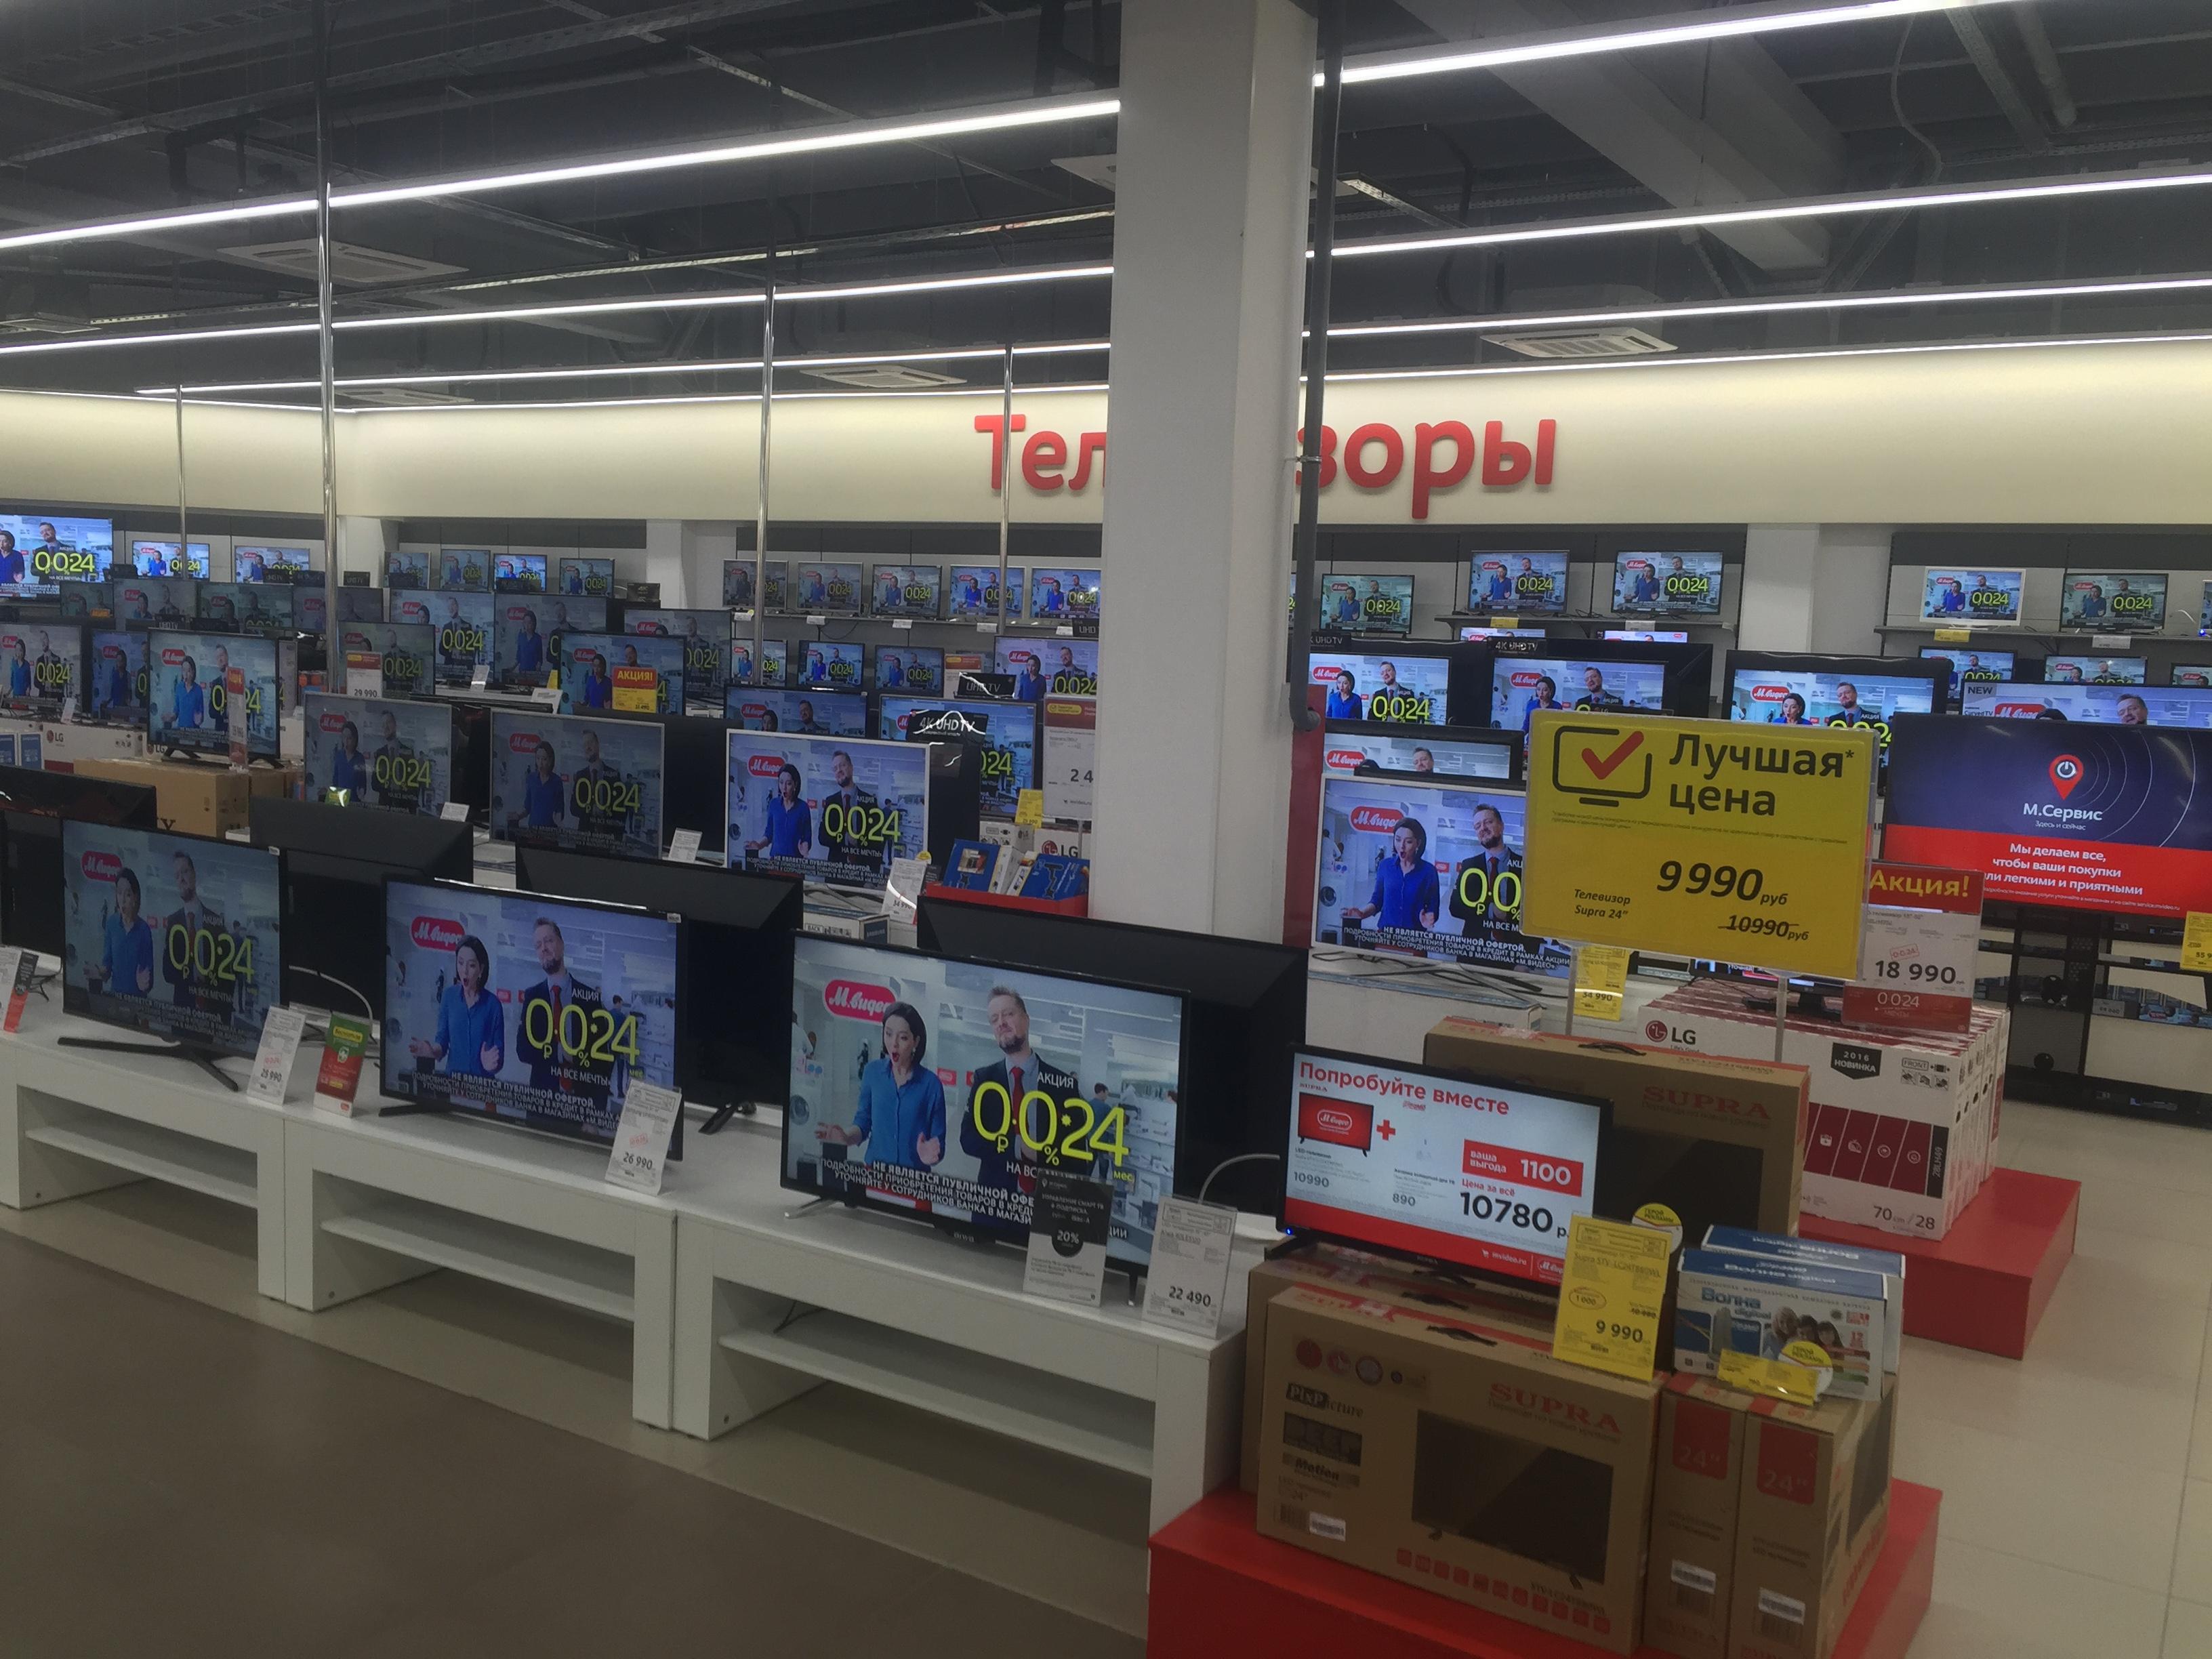 Ассотритимент телевизоров в магазине М.Видео